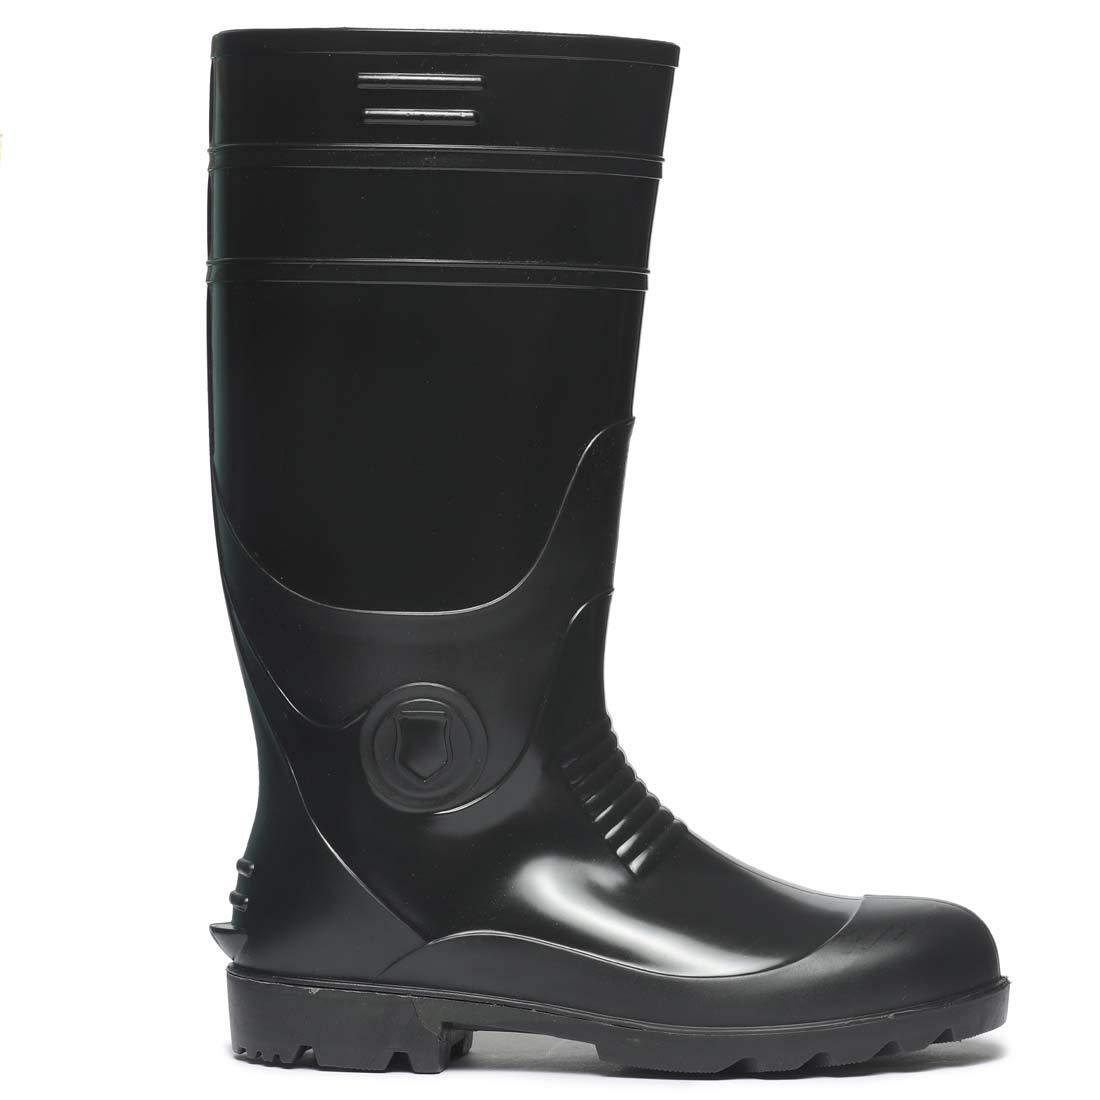 Paragon Men's Black Gum Boots (Size-10